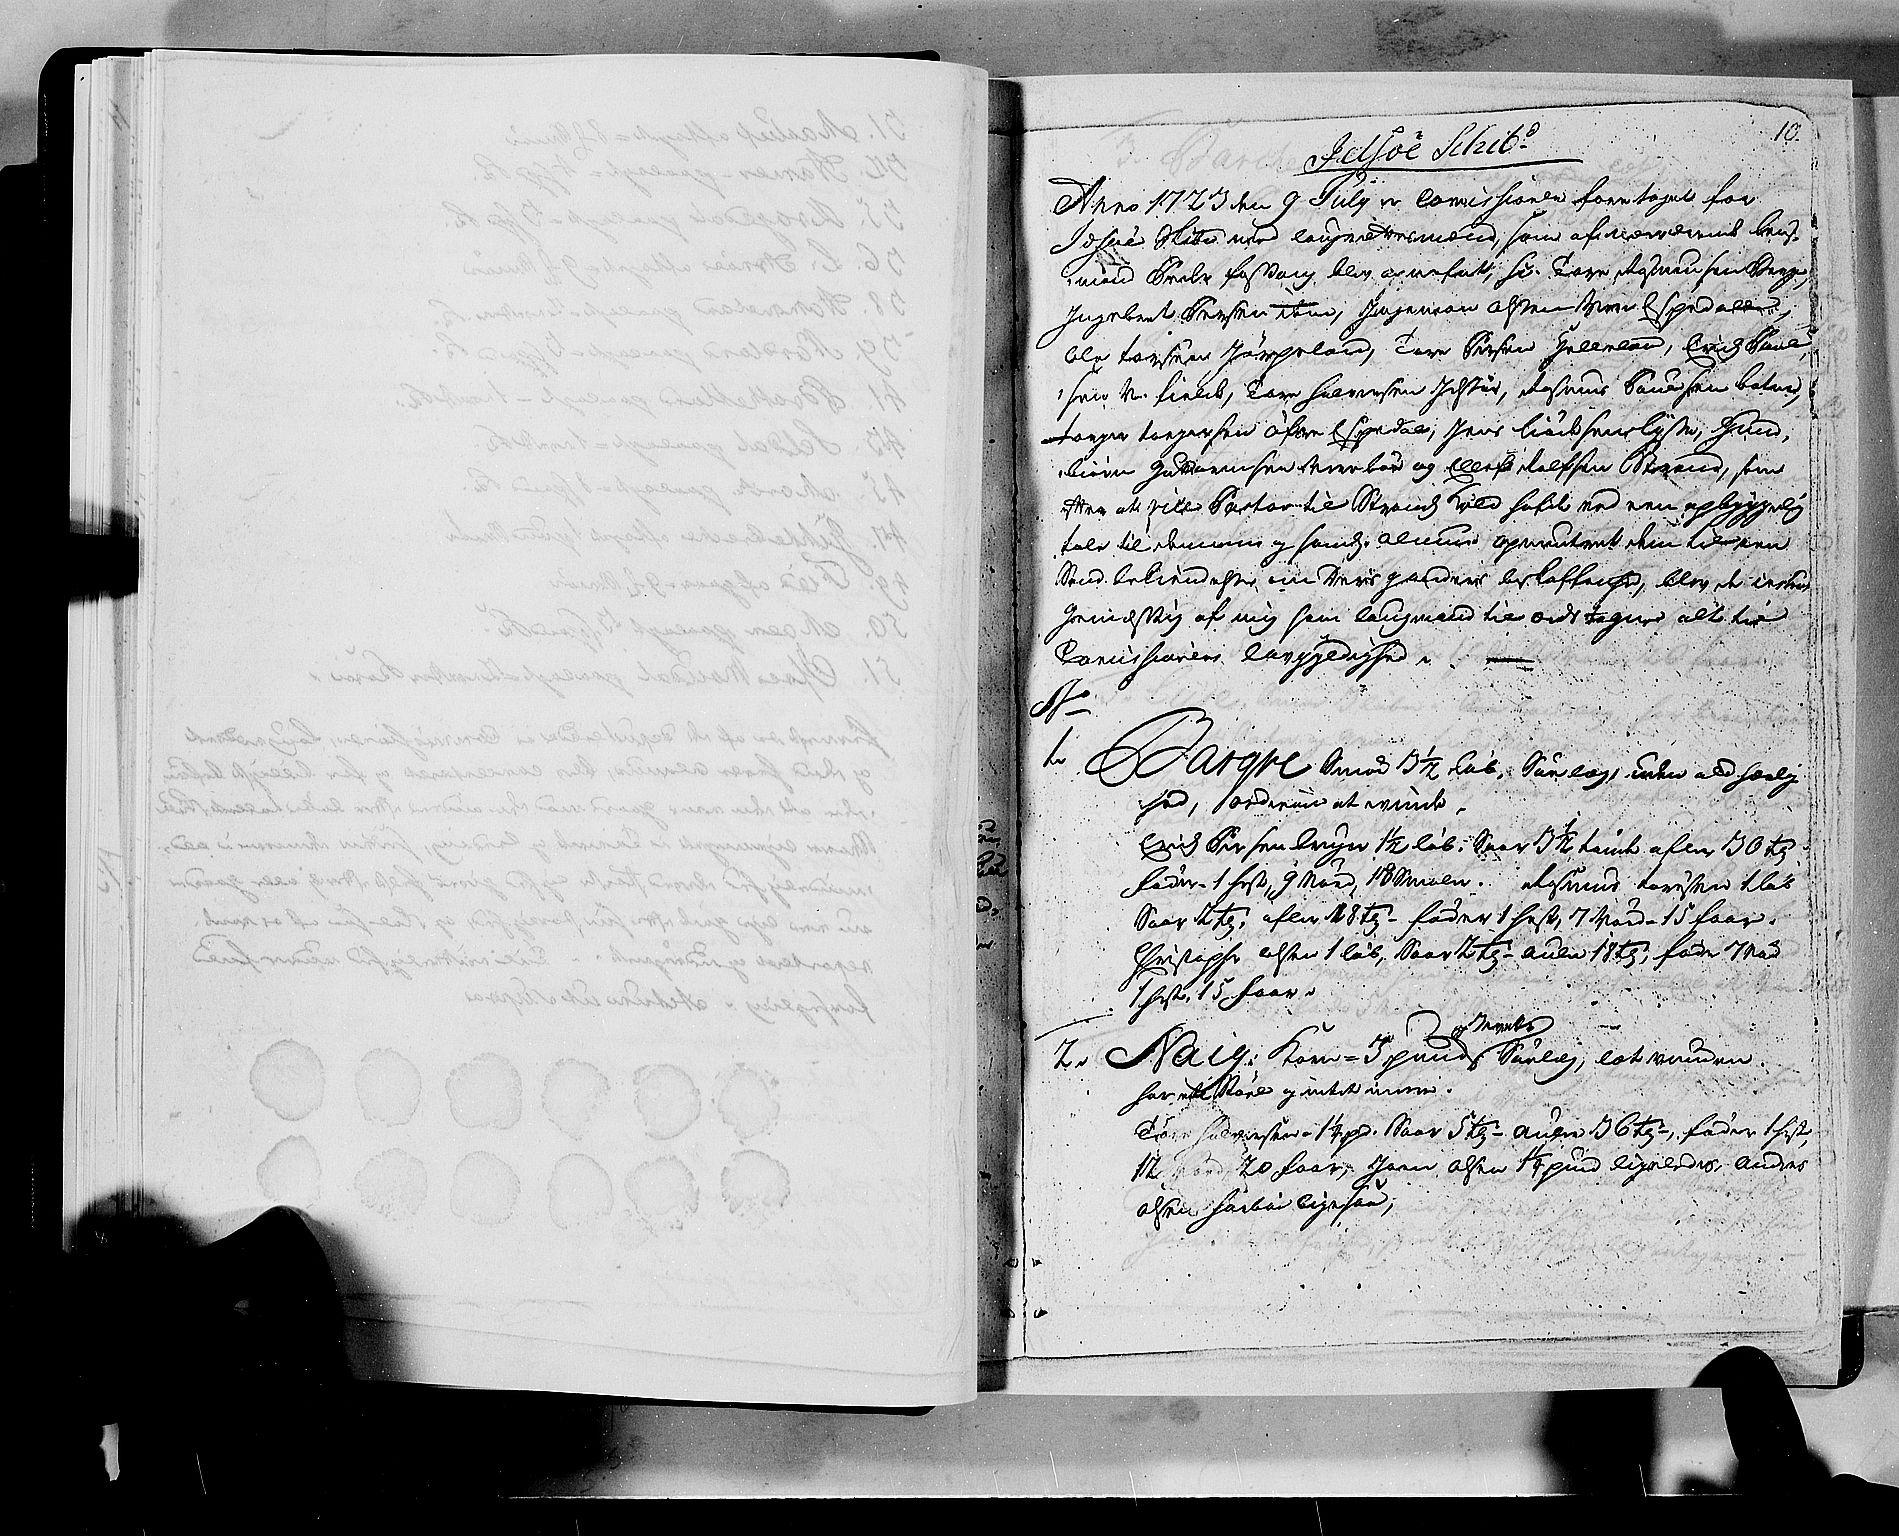 RA, Rentekammeret inntil 1814, Realistisk ordnet avdeling, N/Nb/Nbf/L0133a: Ryfylke eksaminasjonsprotokoll, 1723, s. 10a